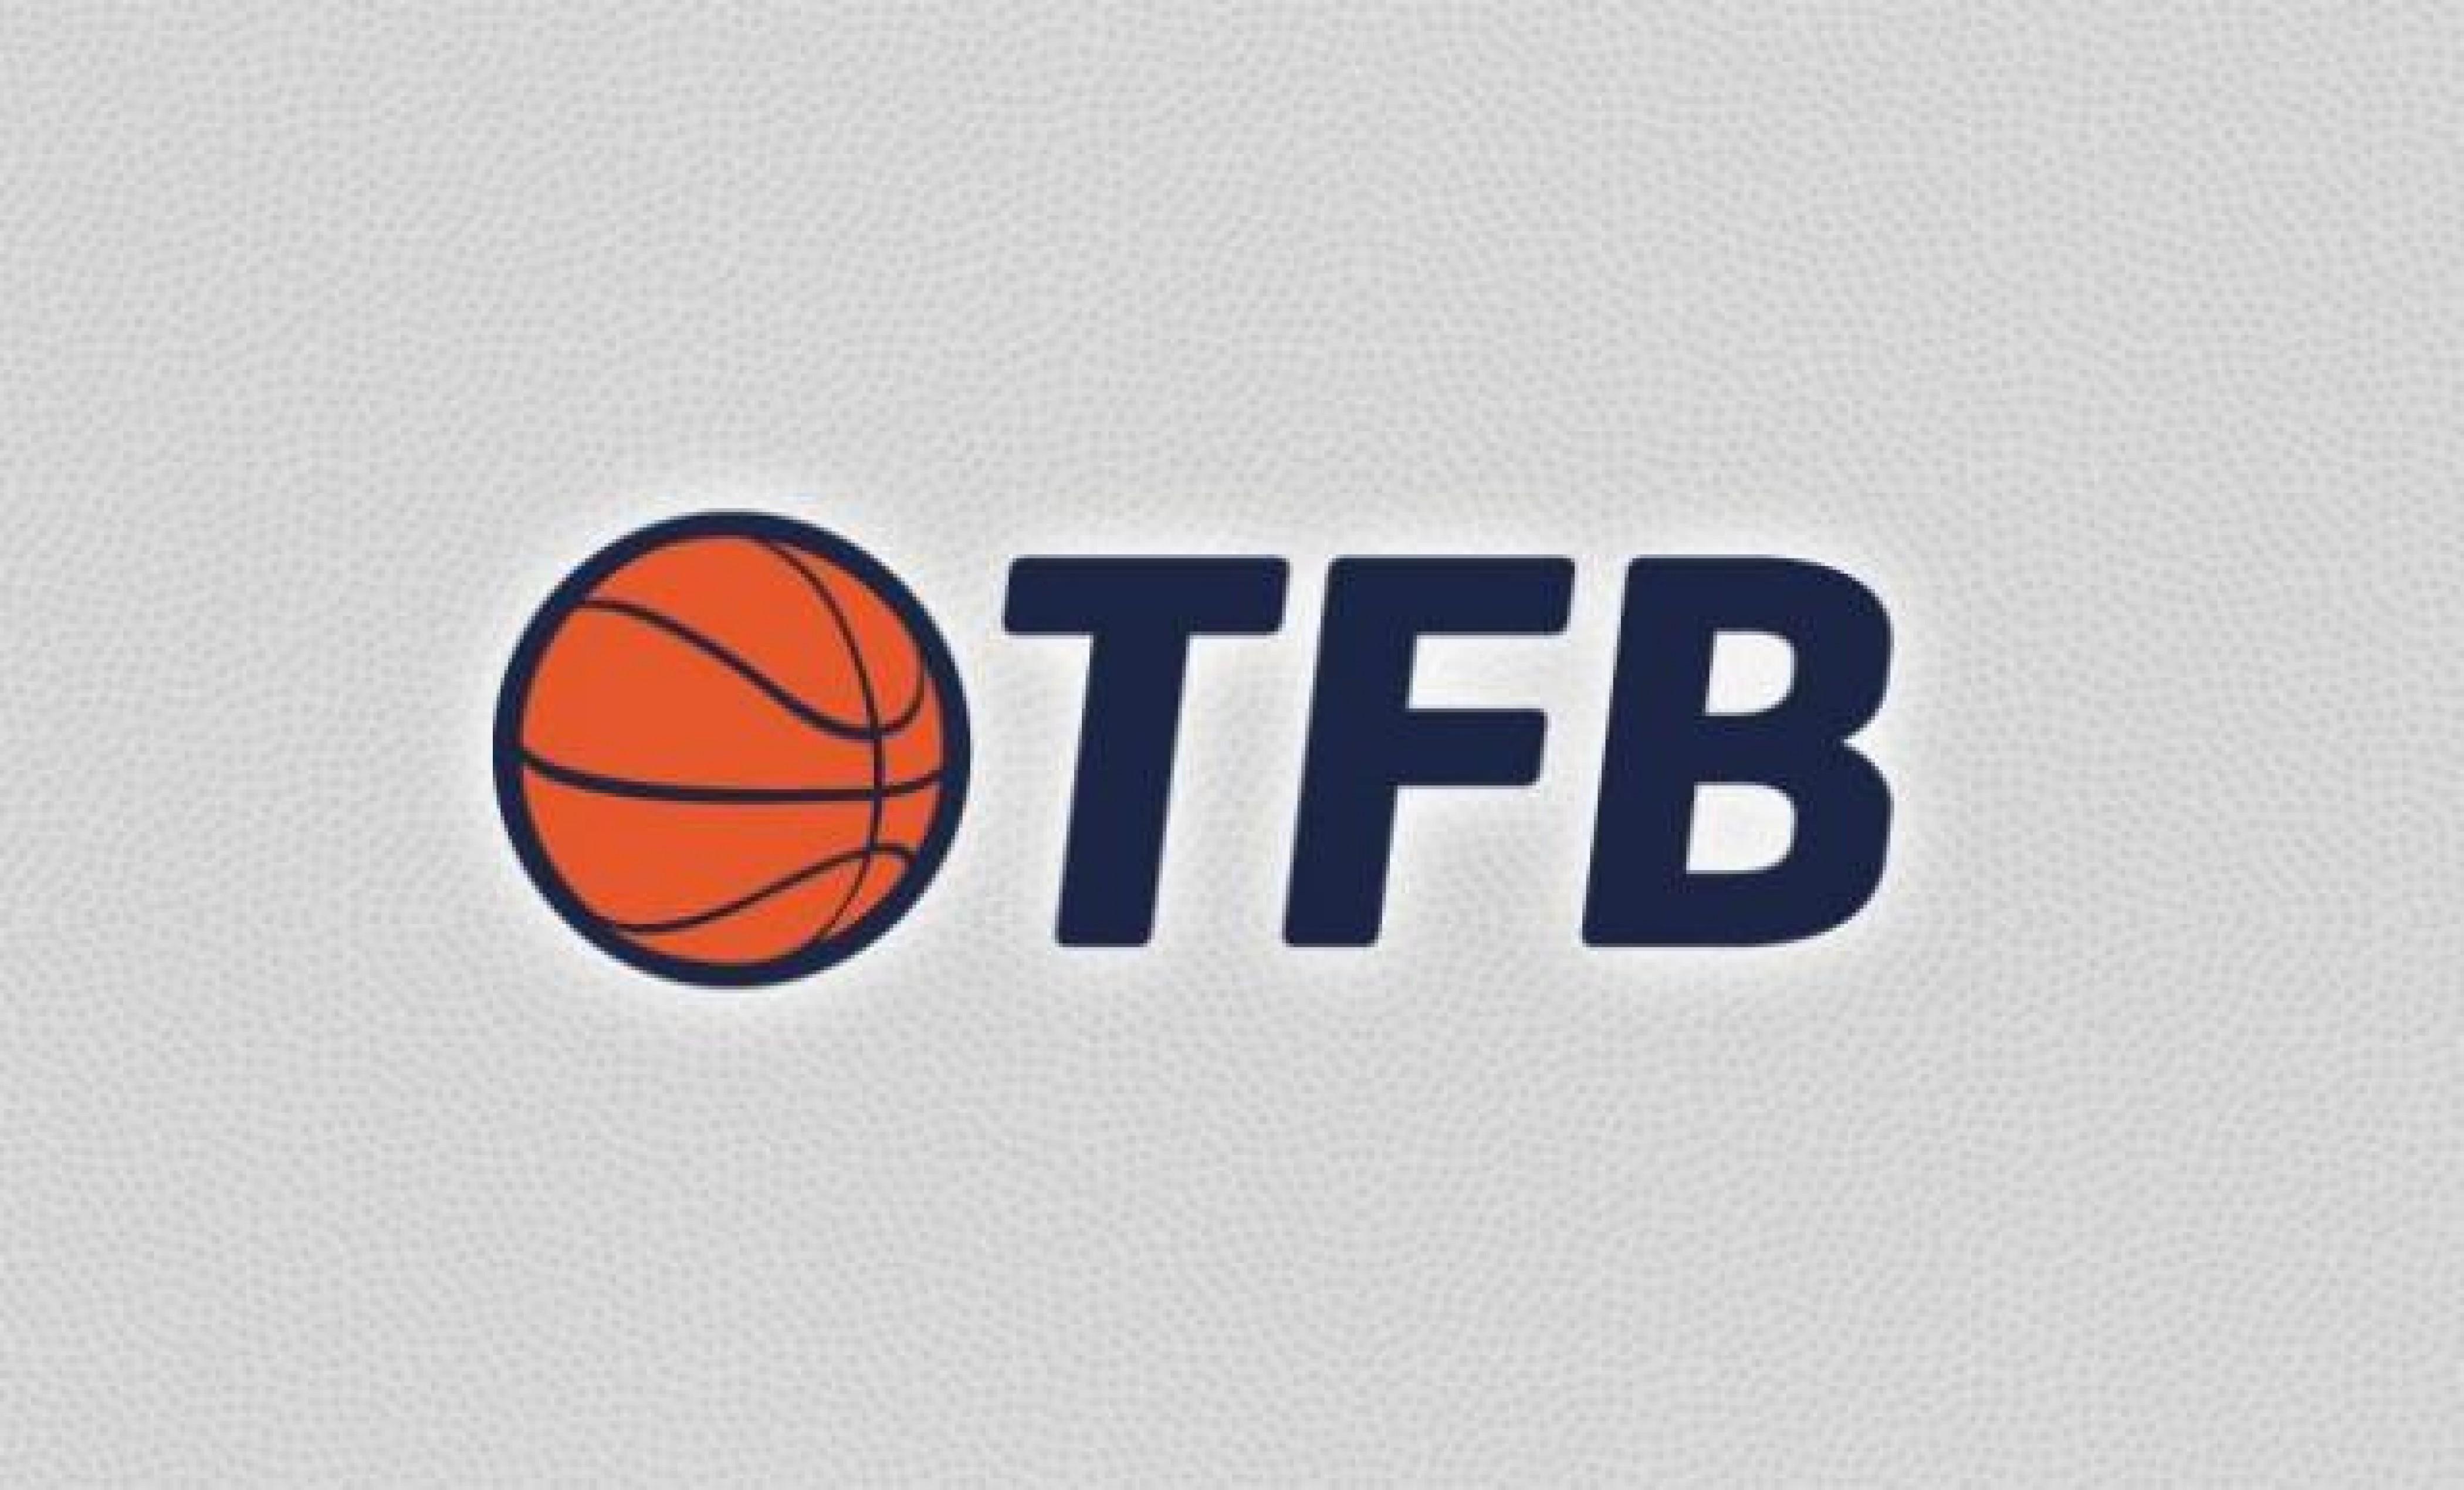 Torneo Federal: Equipos, zonas y competencia